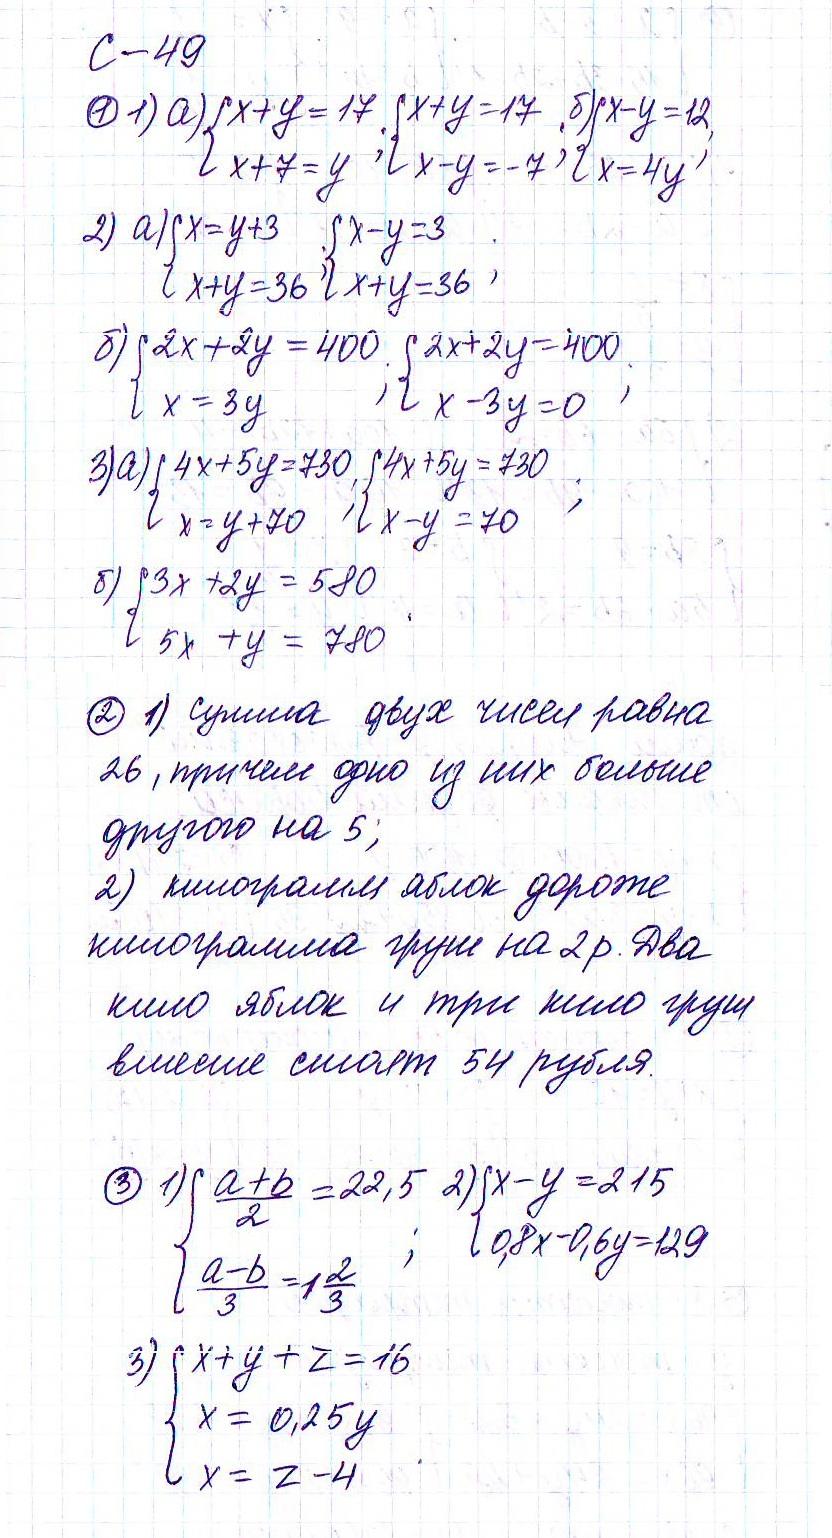 спишу гдз по алгебре за 9 класс